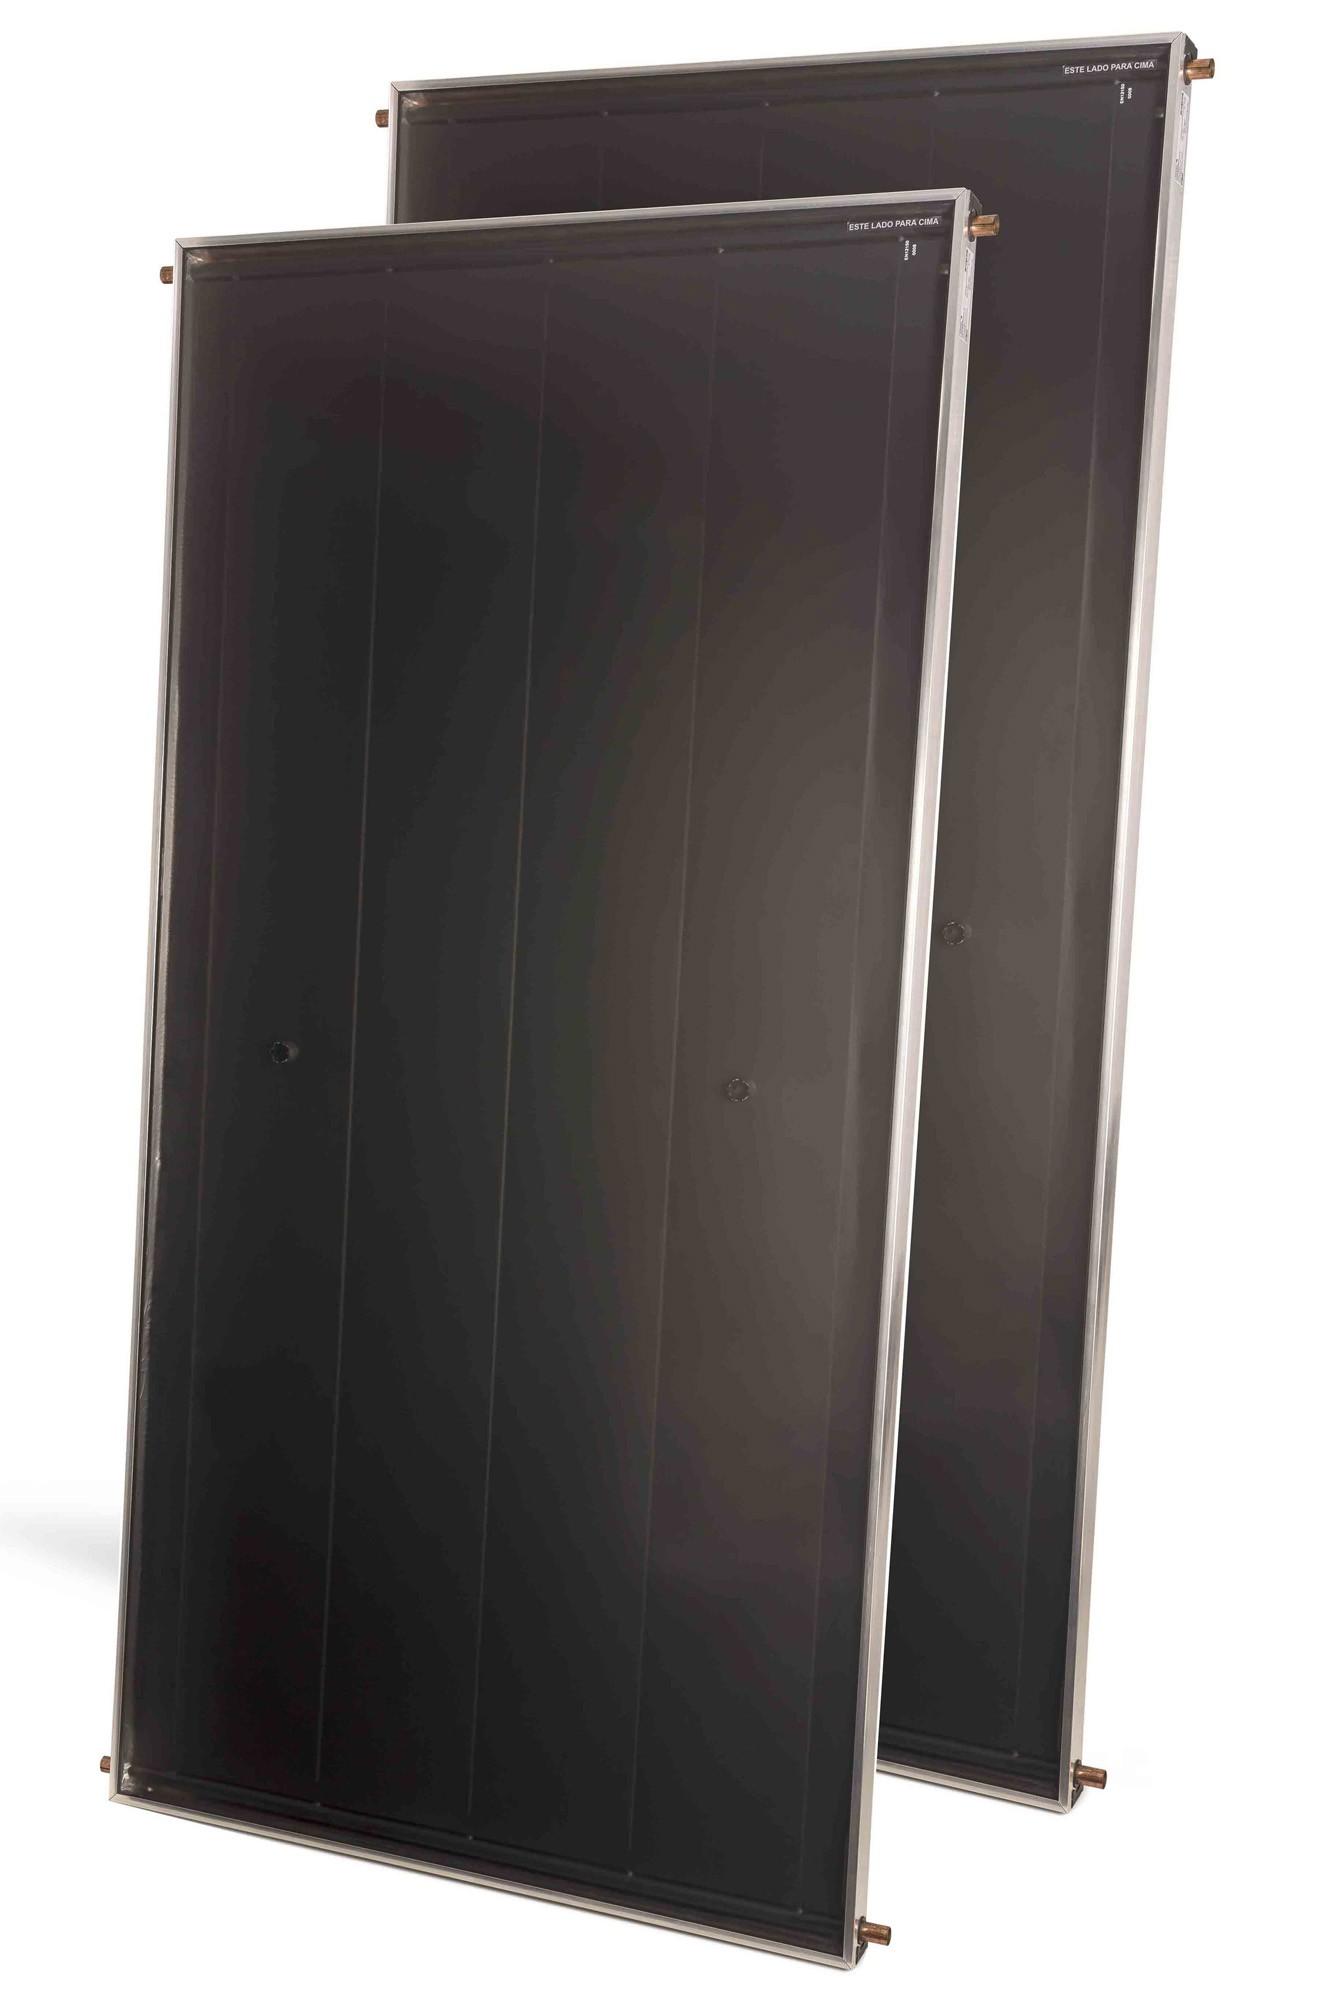 Coletor Solar MC1300 Heliotek (Bosch) TF20 - 2 unidades